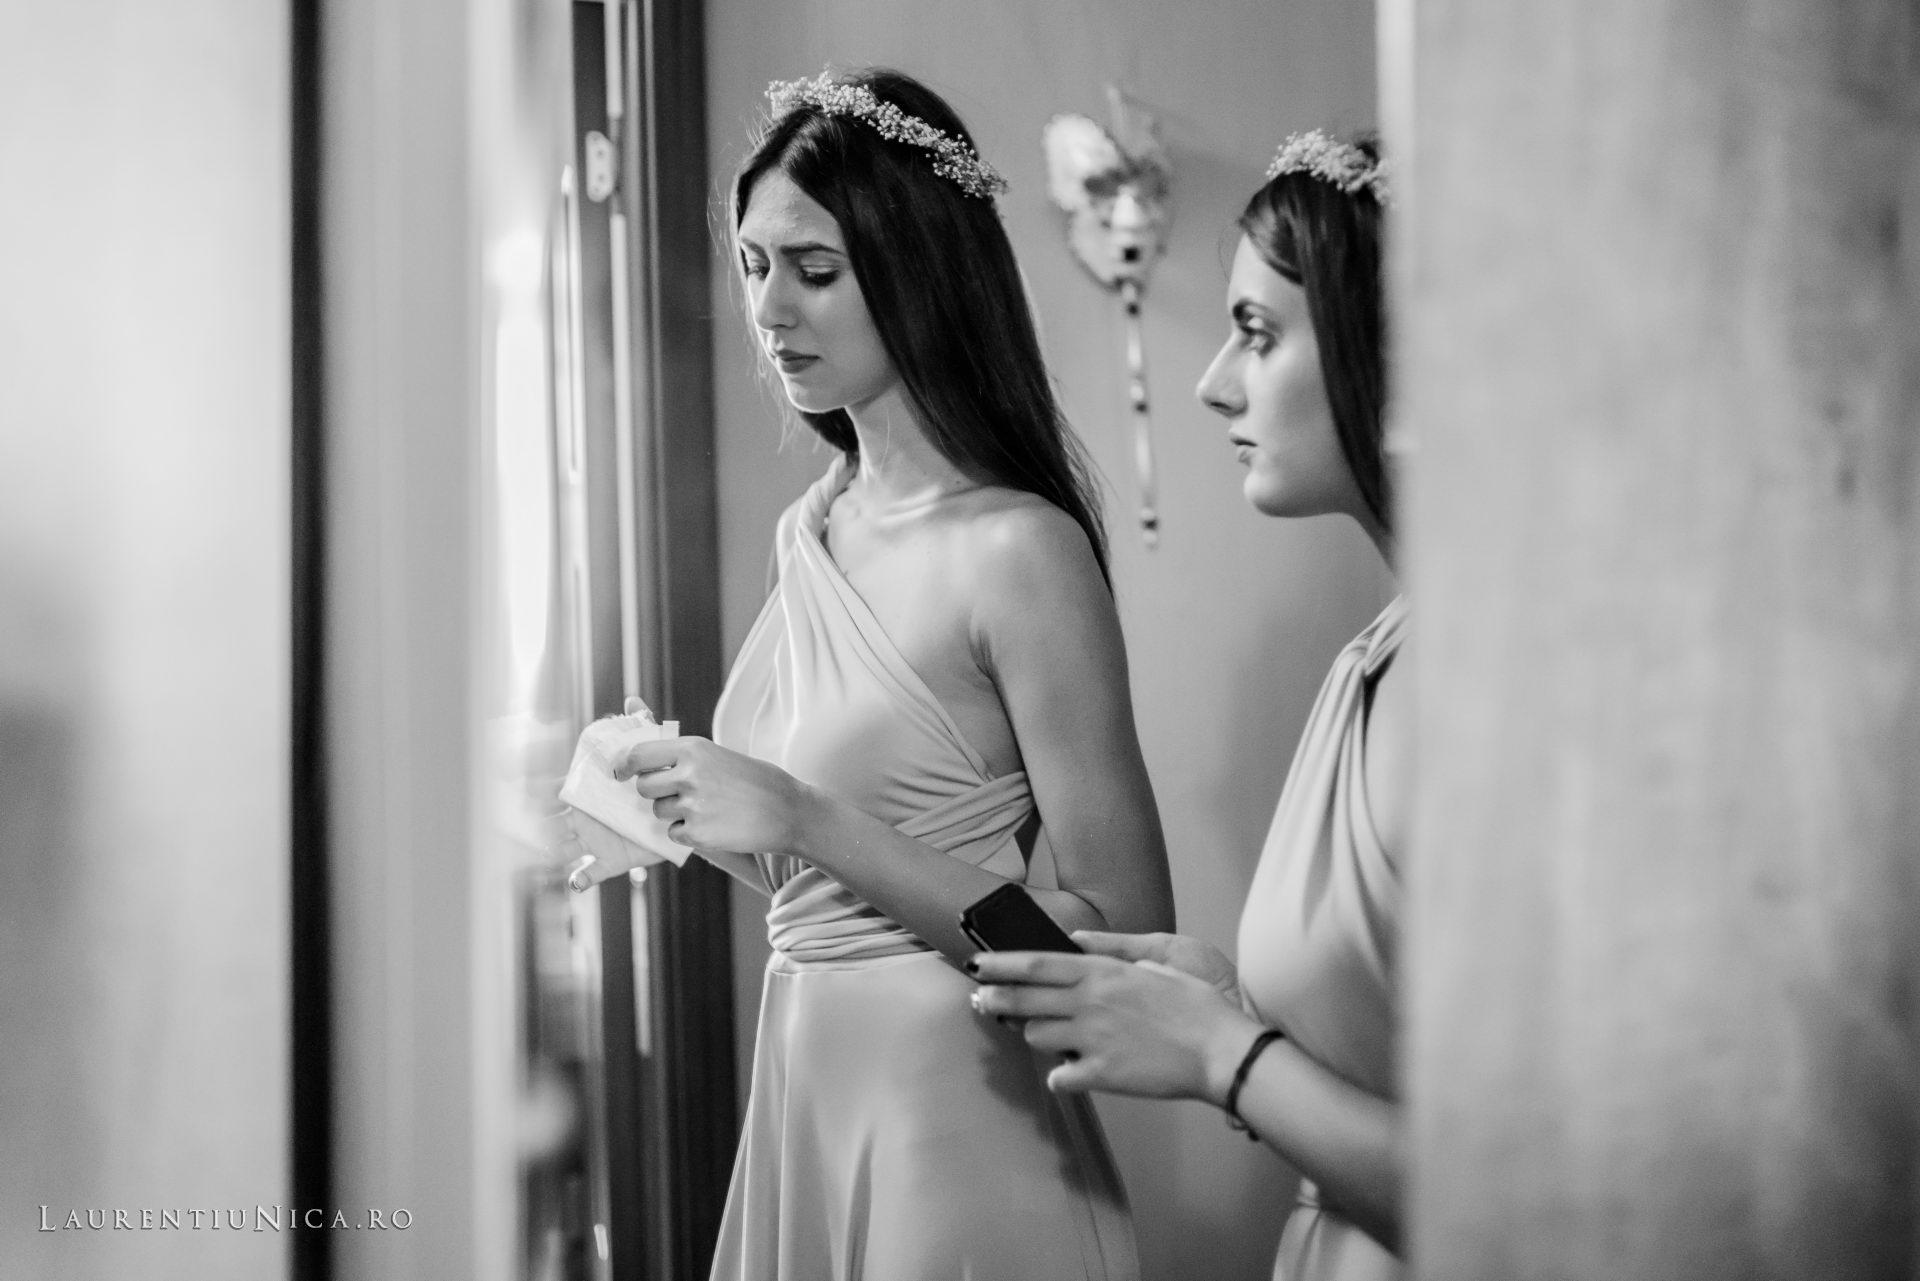 Cristina si Ovidiu nunta Craiova fotograf laurentiu nica 067 - Cristina & Ovidiu | Fotografii nunta | Craiova